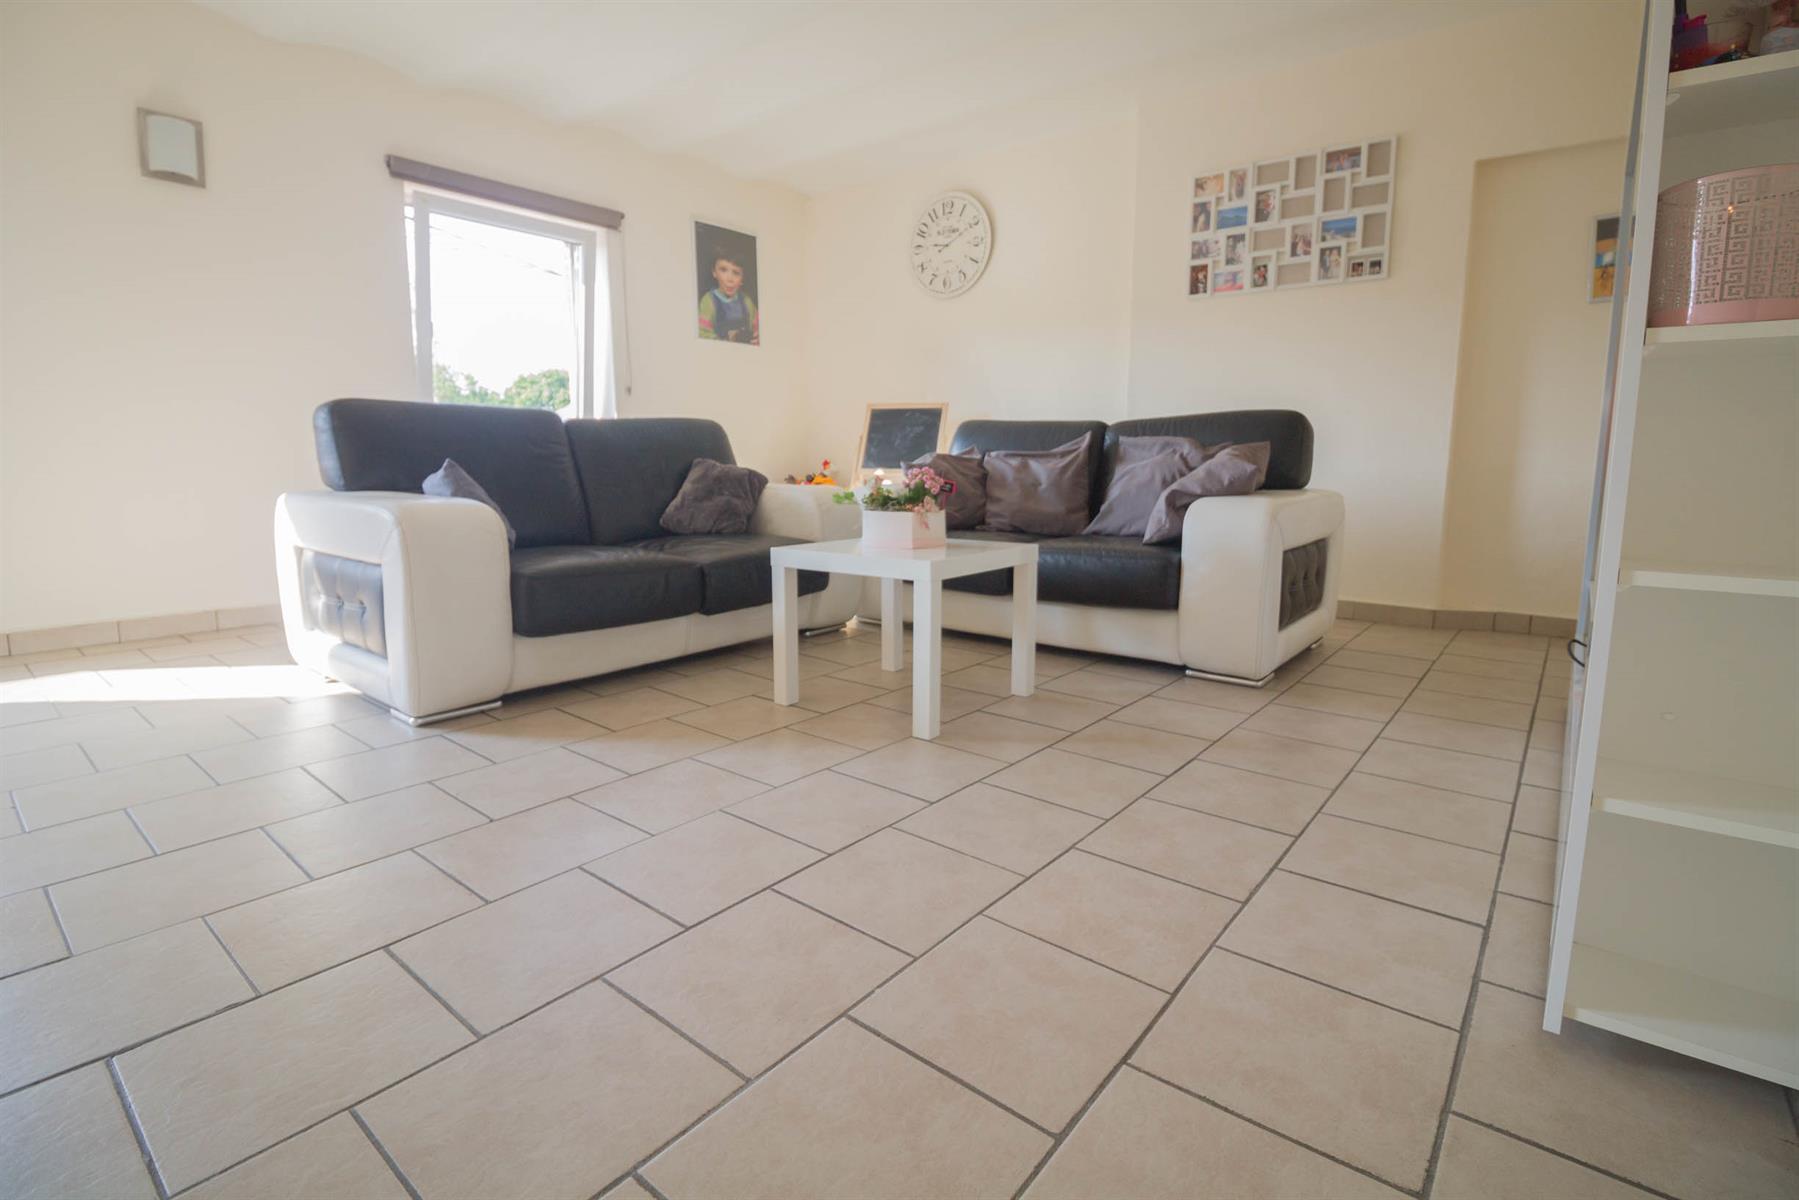 Appartement - Forchies-la-Marche - #4397249-17